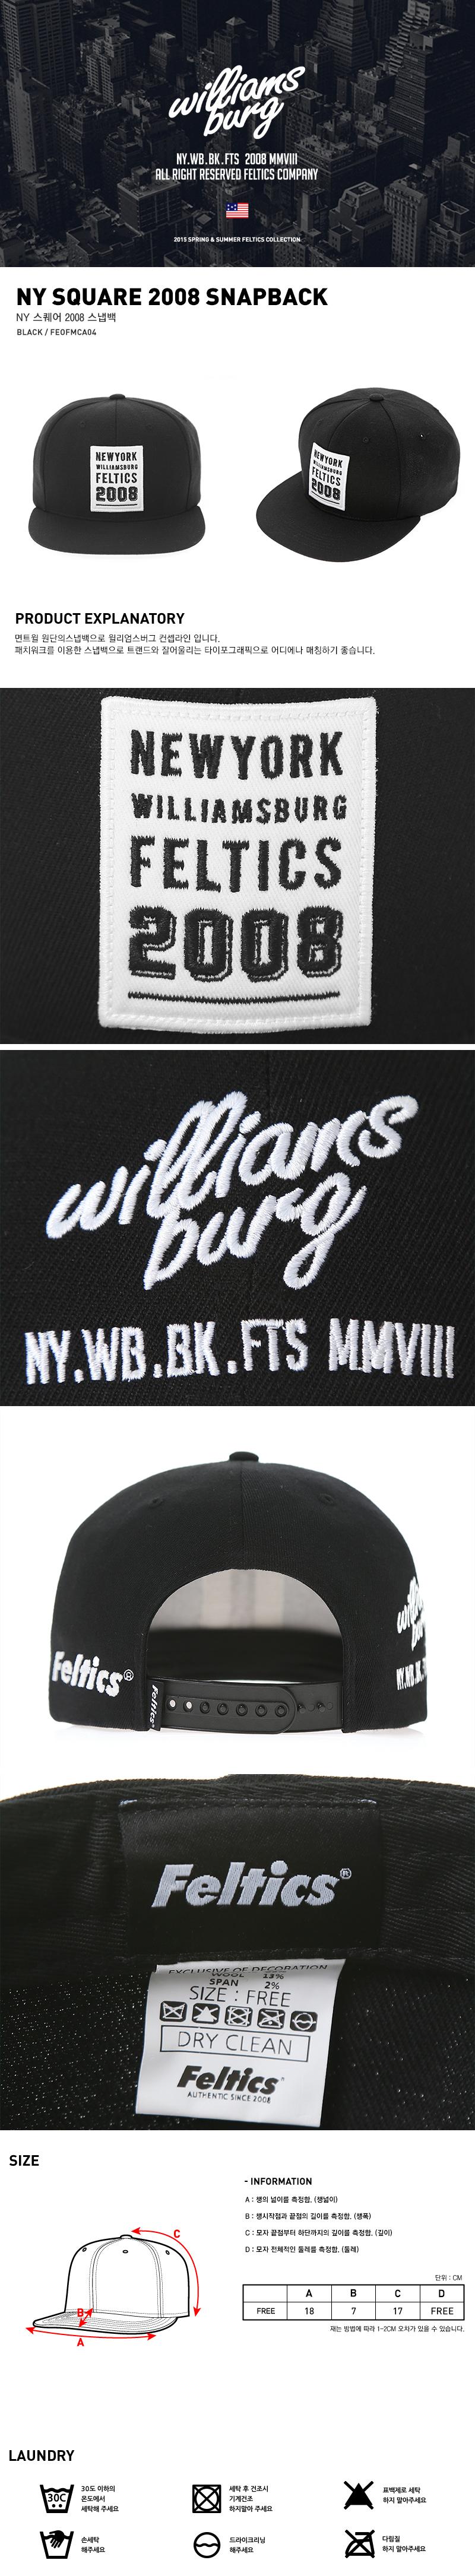 [ FELTICS ] [FELTICS] NY Square 2008 SnapBack Black (FEOFMCA04)